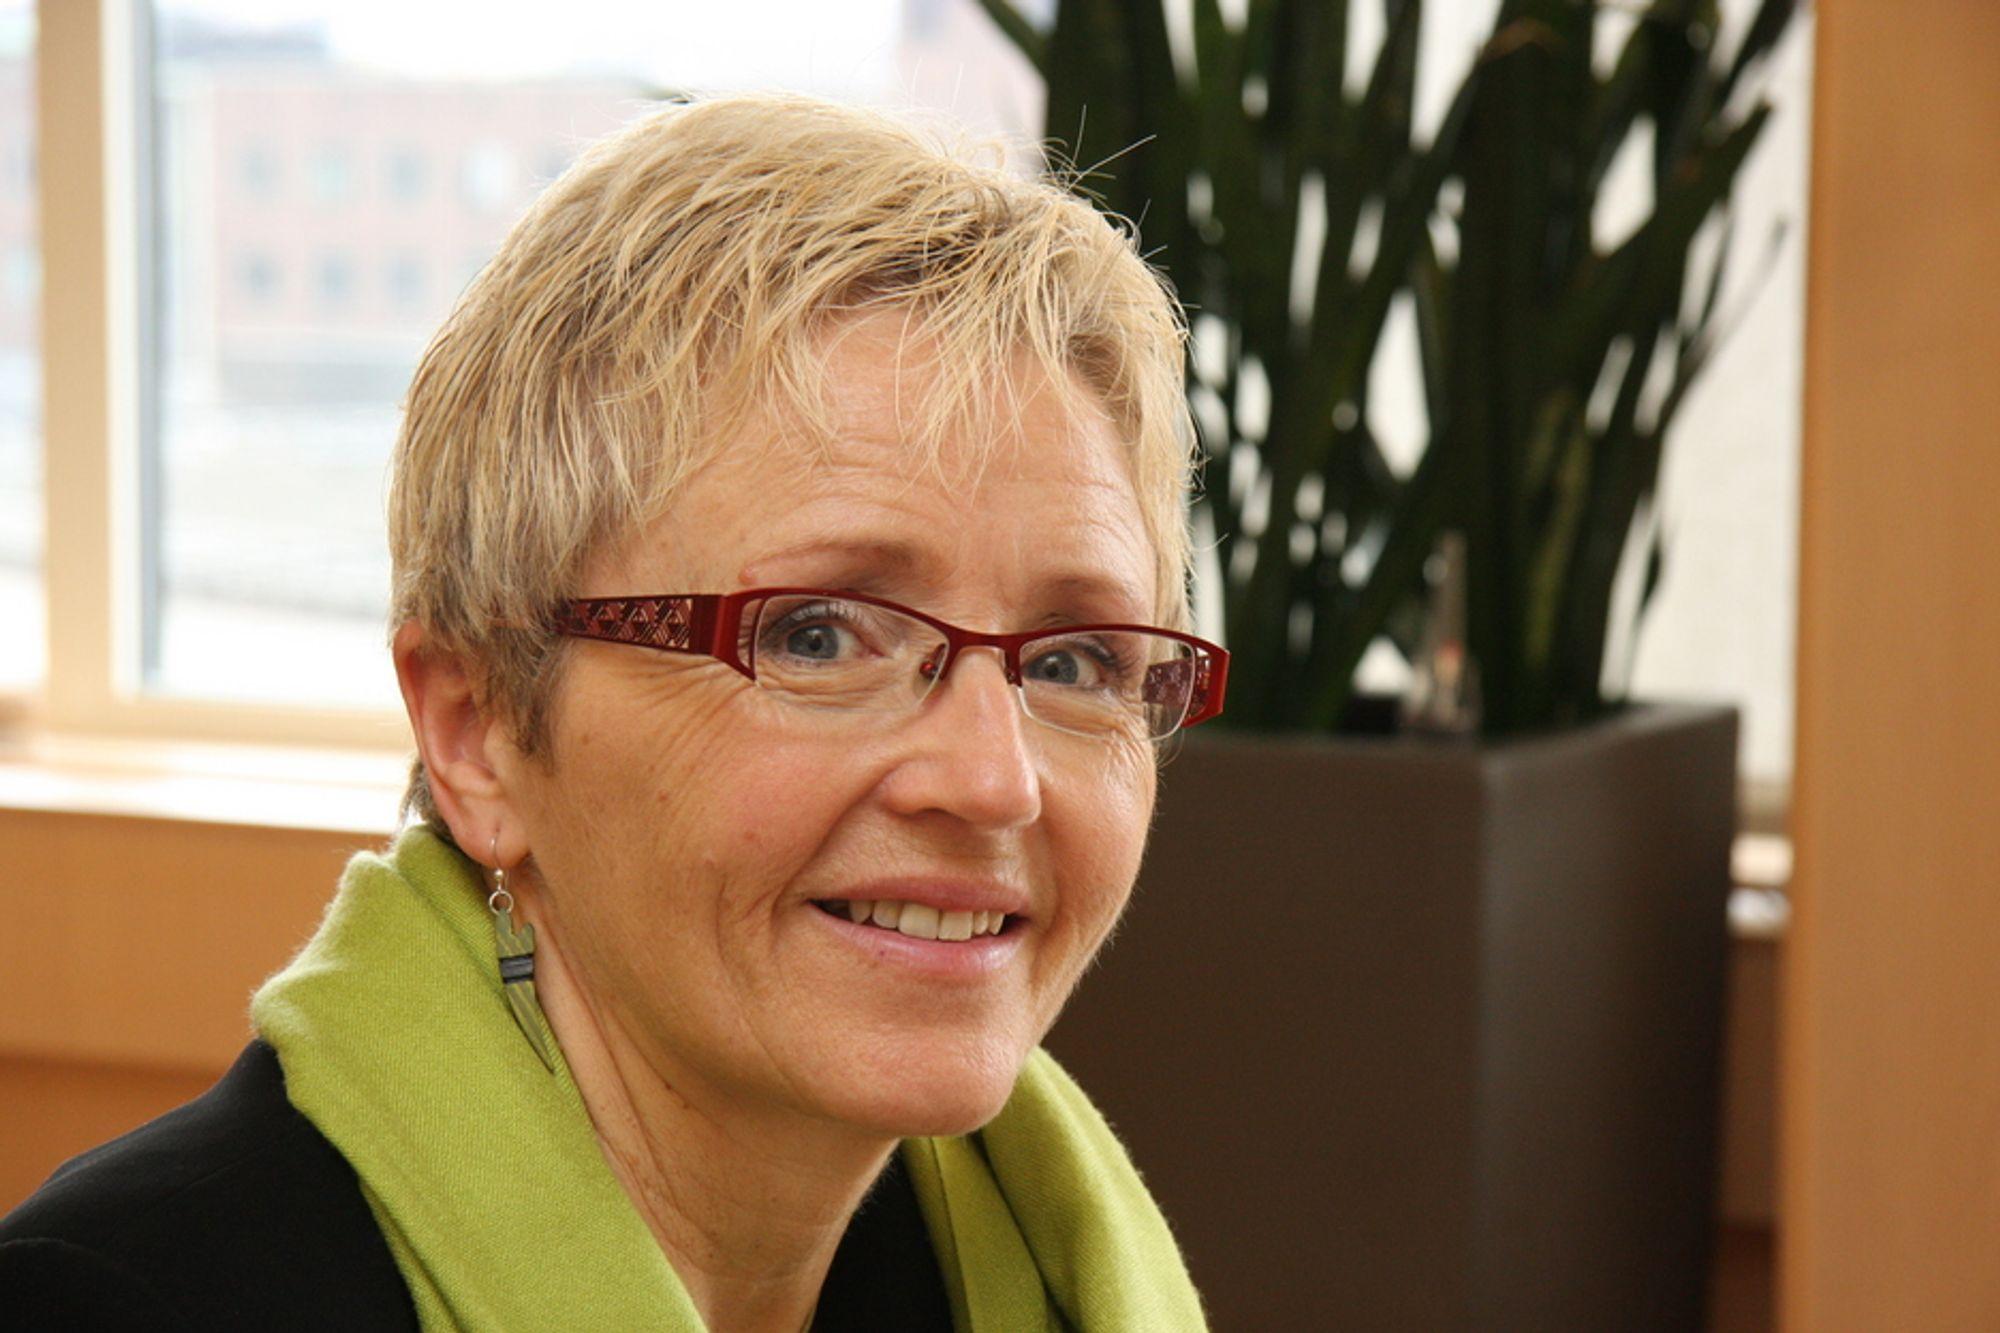 MER ENN PENGER: Kommunal og regionalminister Liv Signe Navarsete erkjenner at det er langt mer enn penger som skal til for å sikre godt vedlikehold av offentlige investeringer. Men hun vet ennå ikke riktig hva.